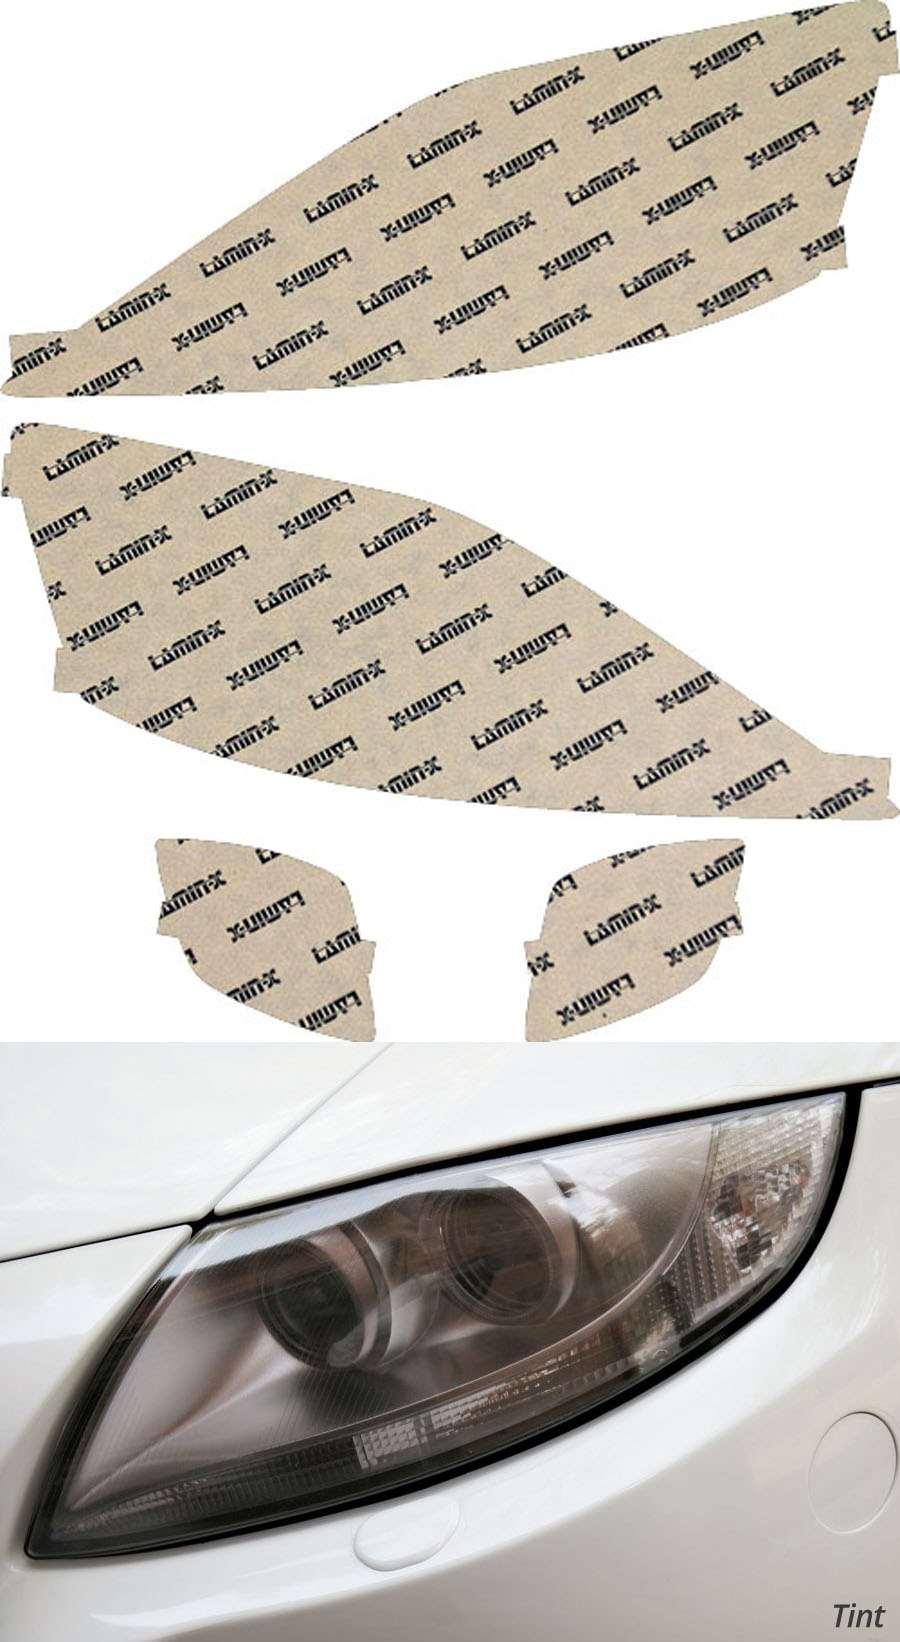 Lexus IS 06-10 Tint Headlight Covers Lamin-X L009T